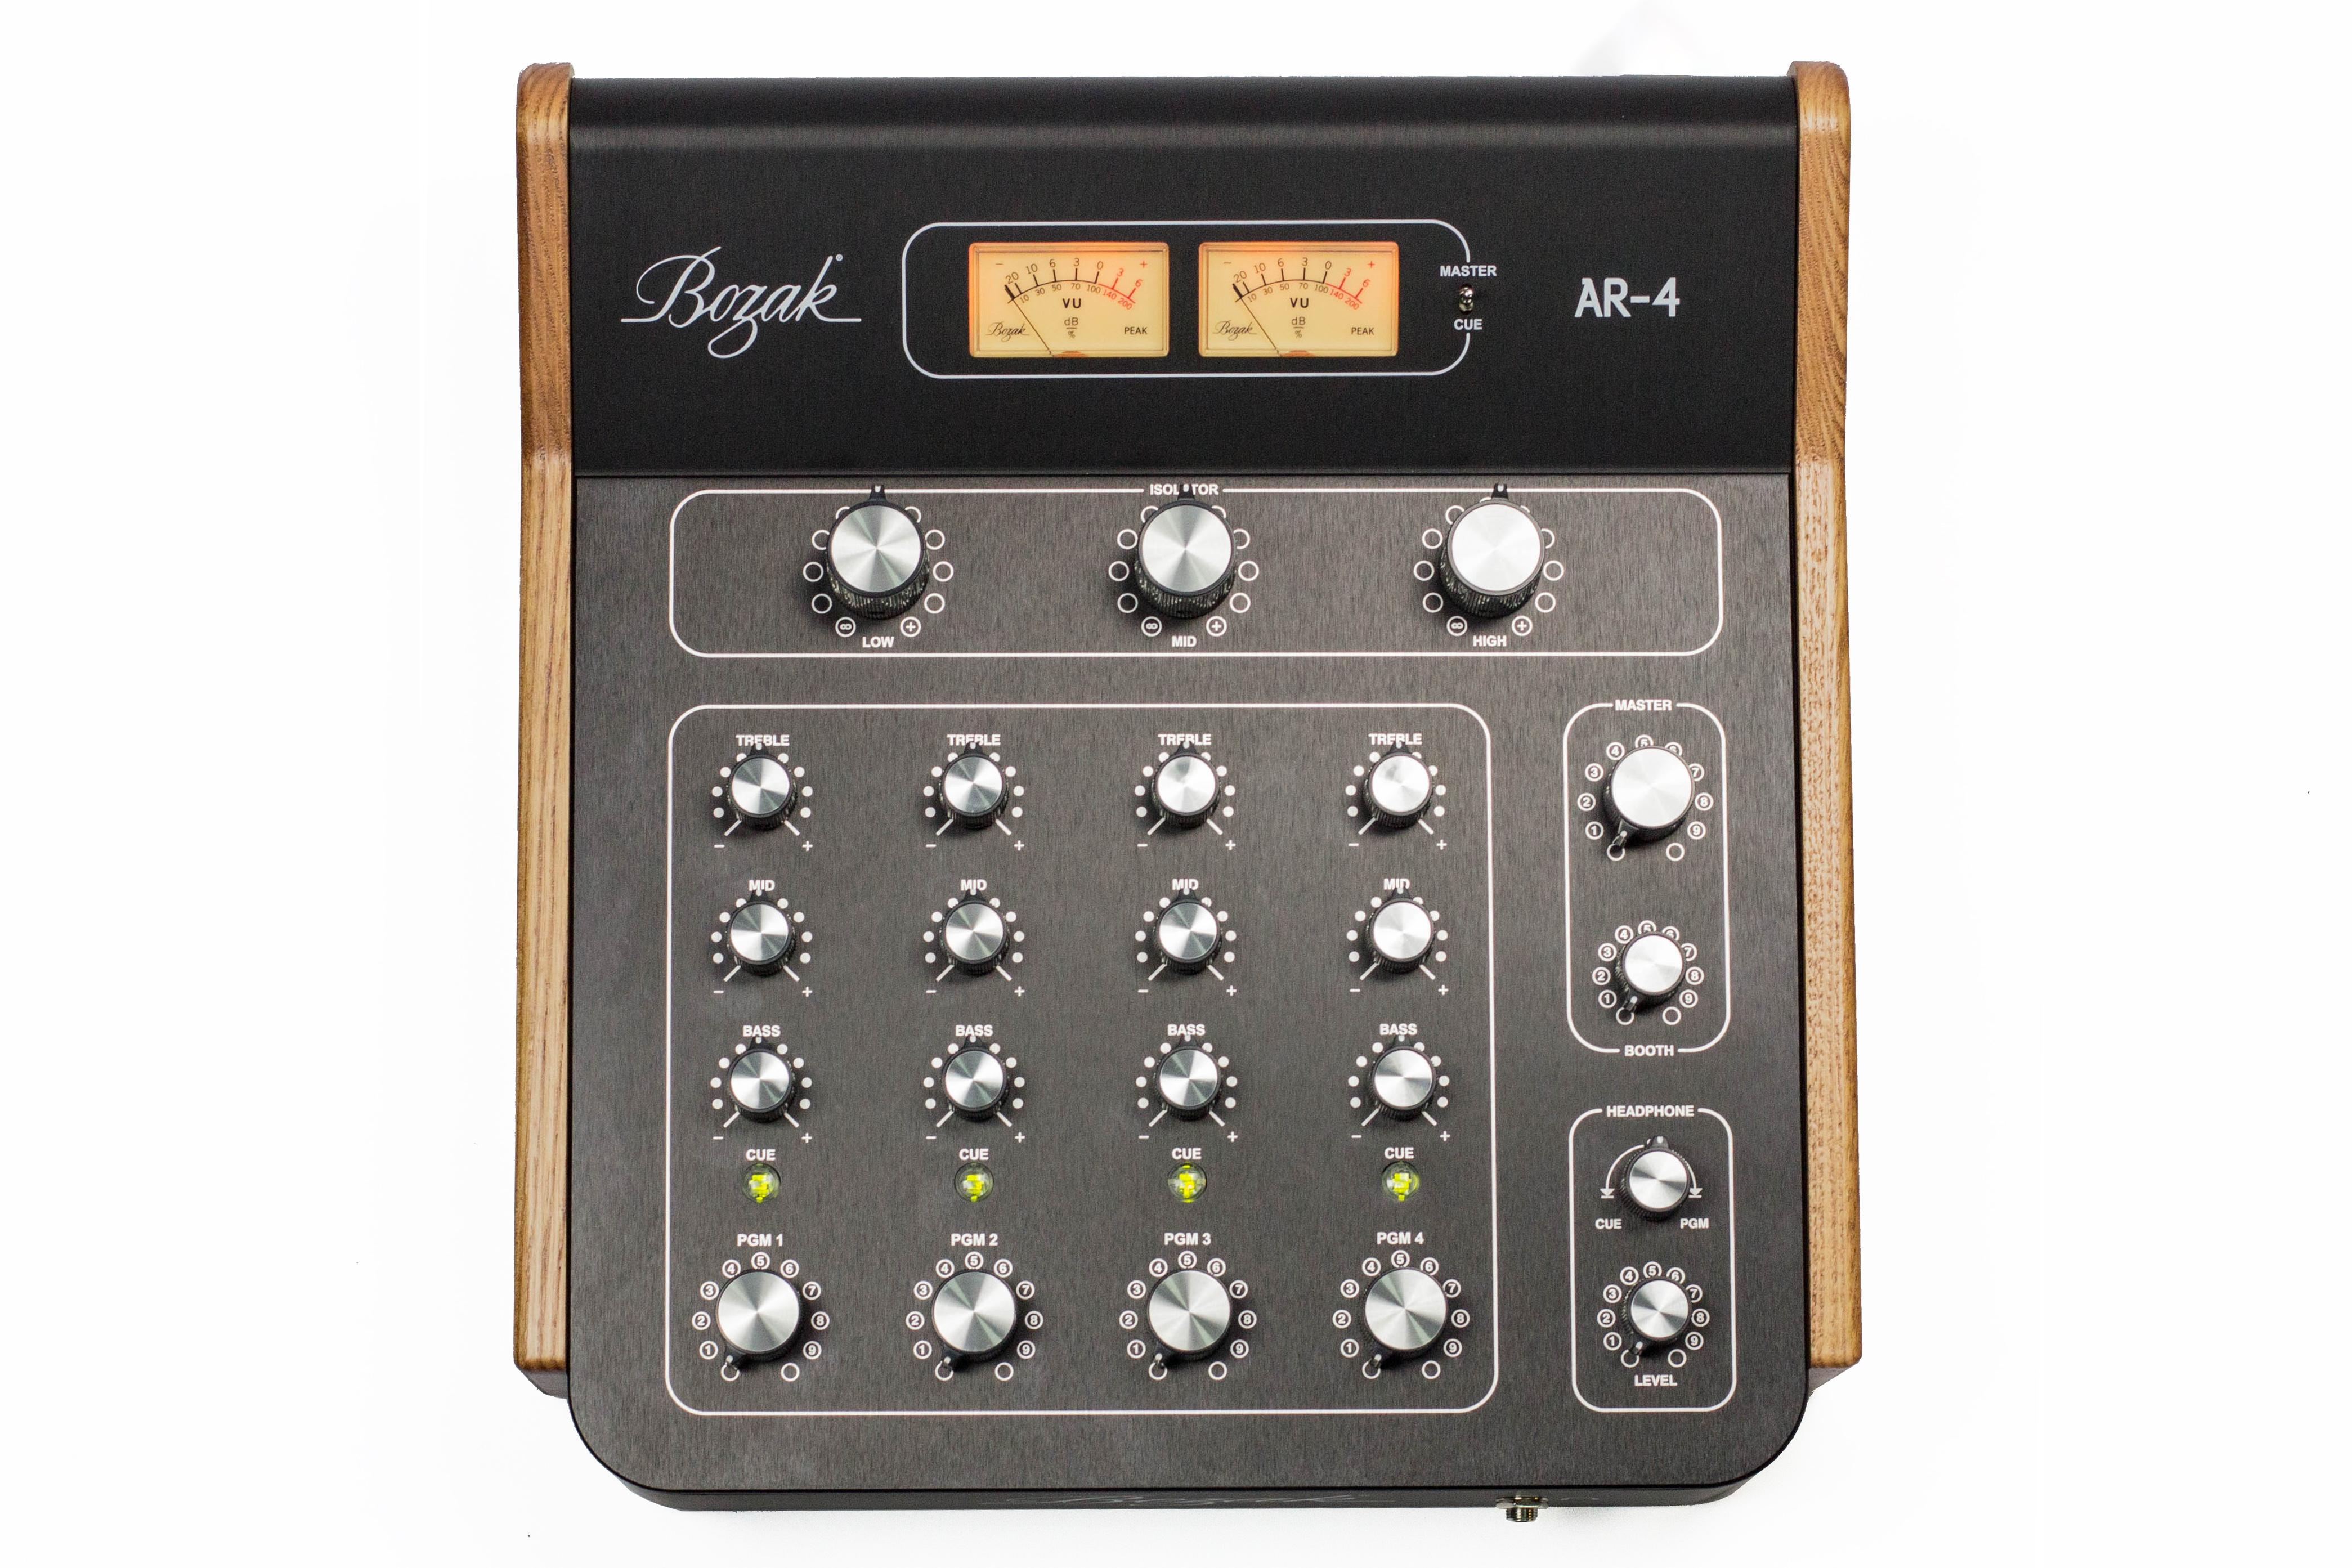 AR-4 Desk Top Mixer